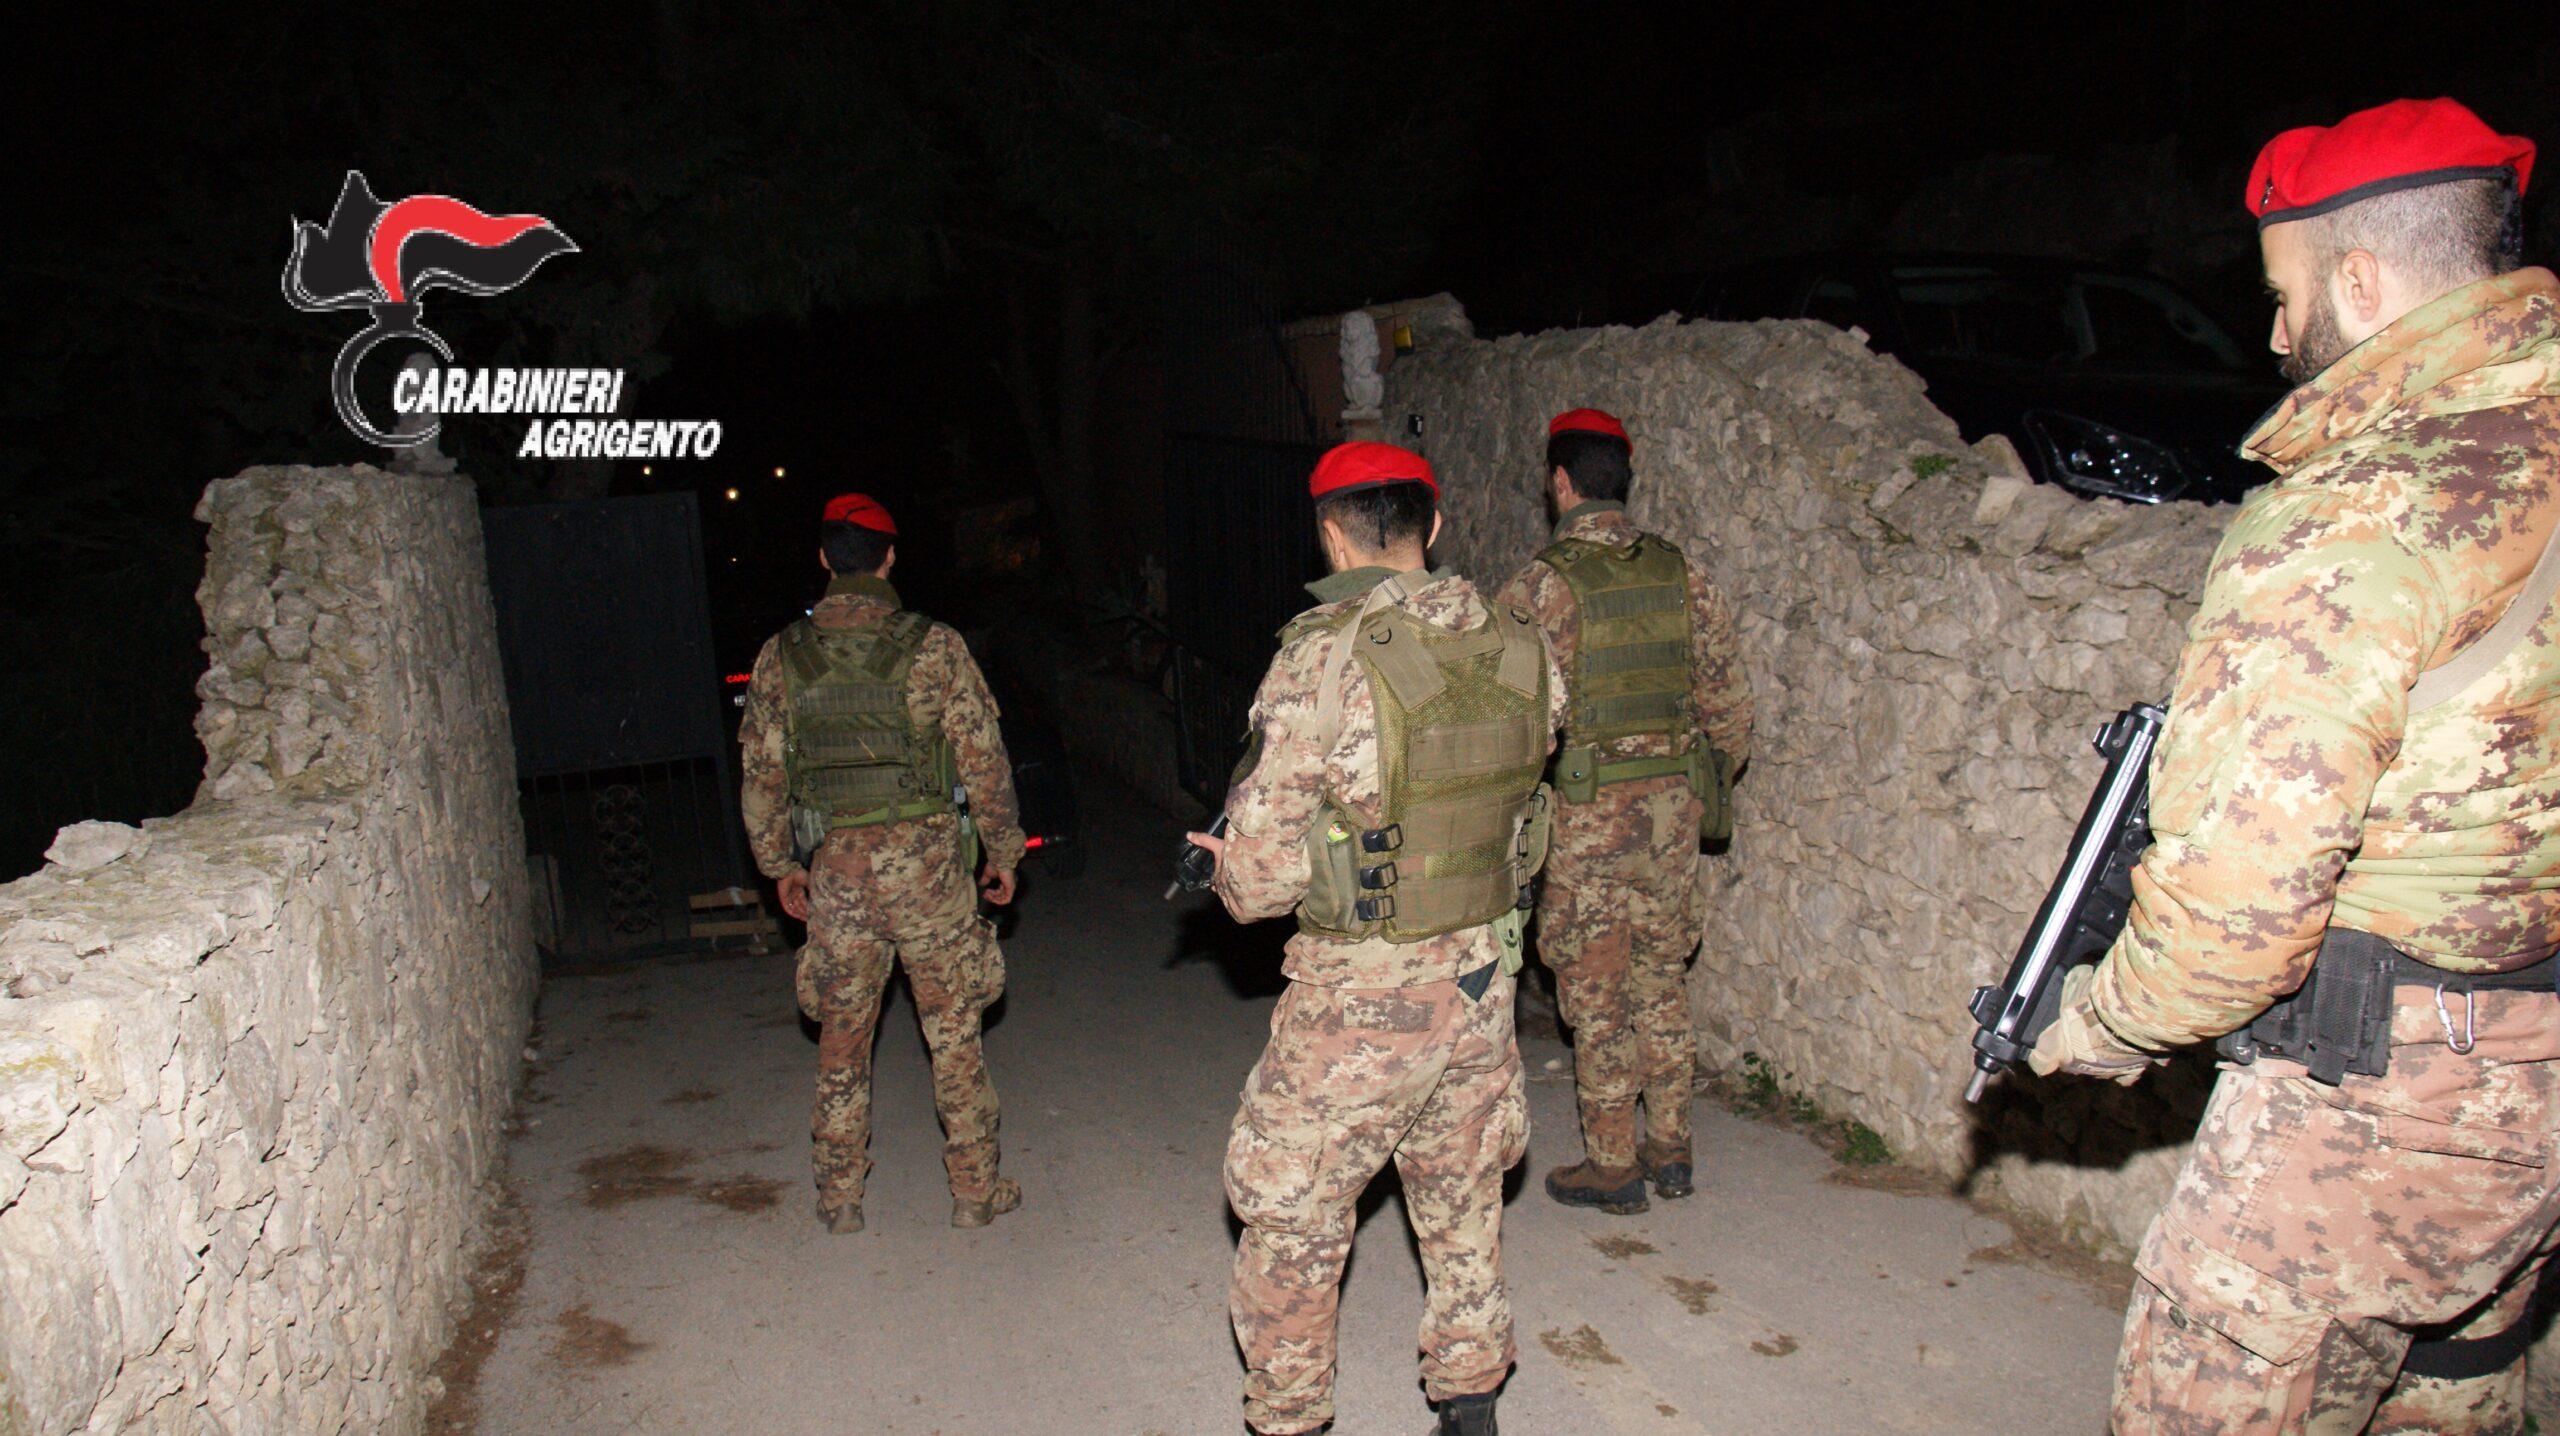 Faida omicidiaria tra due famiglie: arresti e perquisizioni in corso, in campo oltre 50 carabinieri